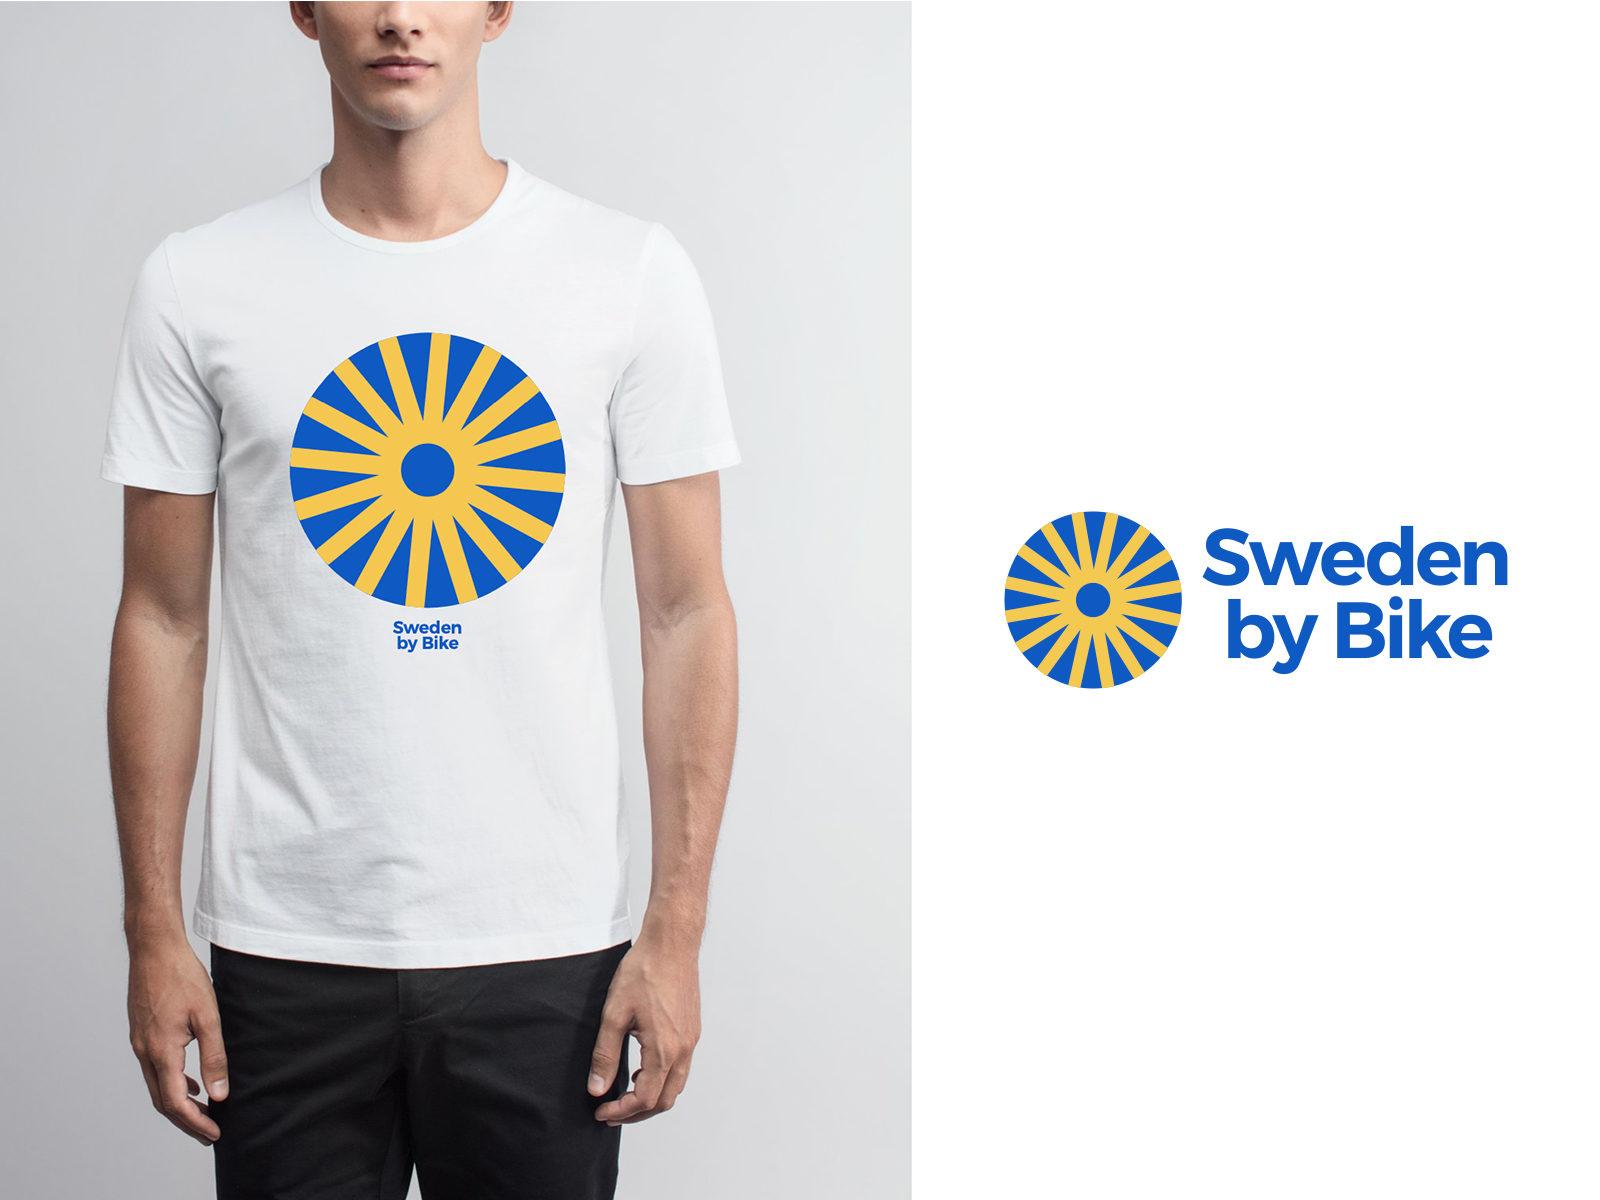 Sweden by Bike - ny logotyp